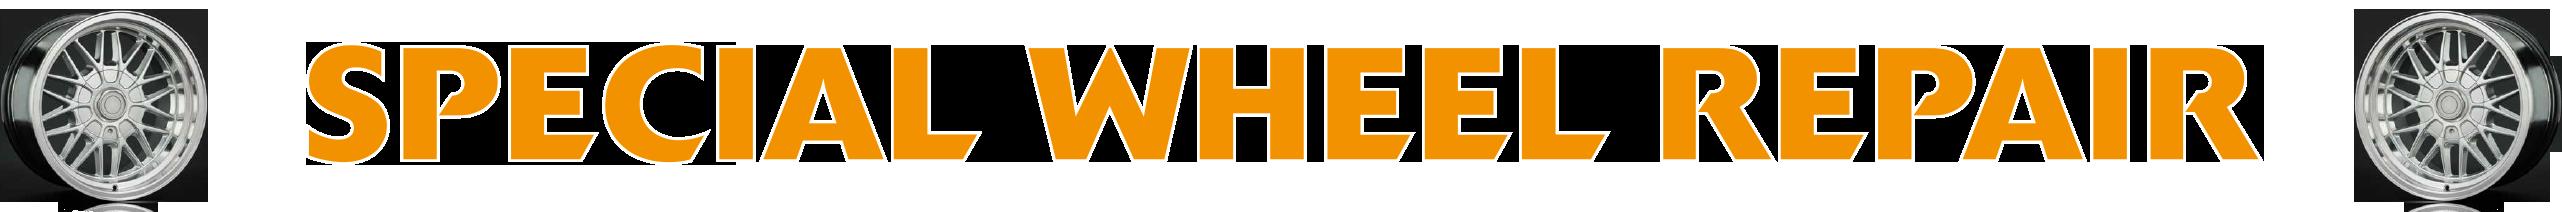 Special Wheel Repair